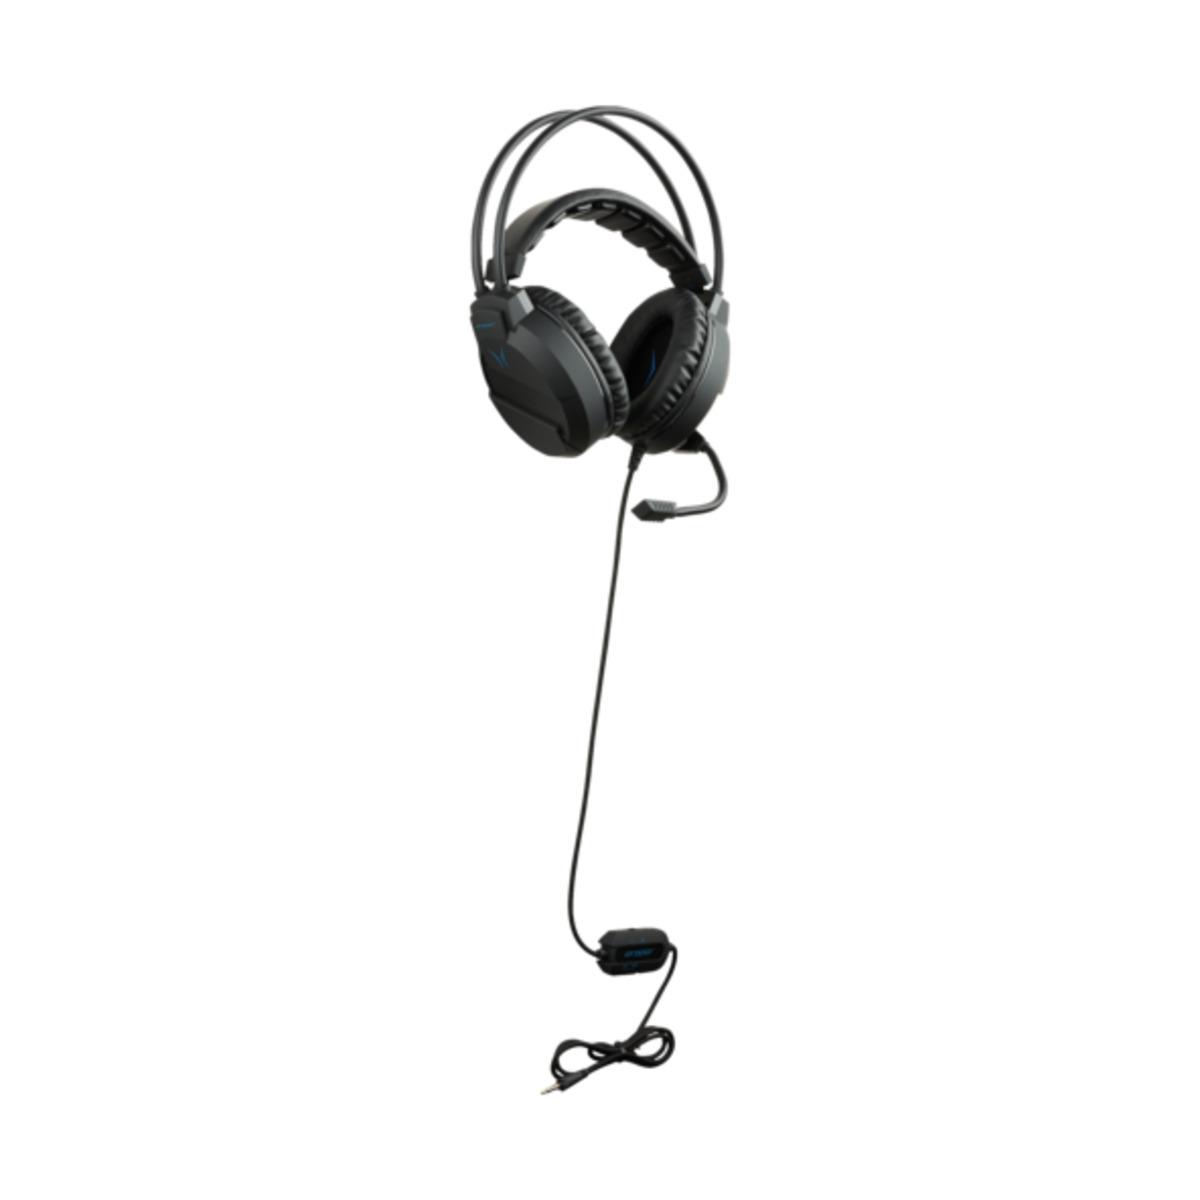 Bild 2 von 2.0 Stereo Gaming Headset MEDION ERAZER X83009